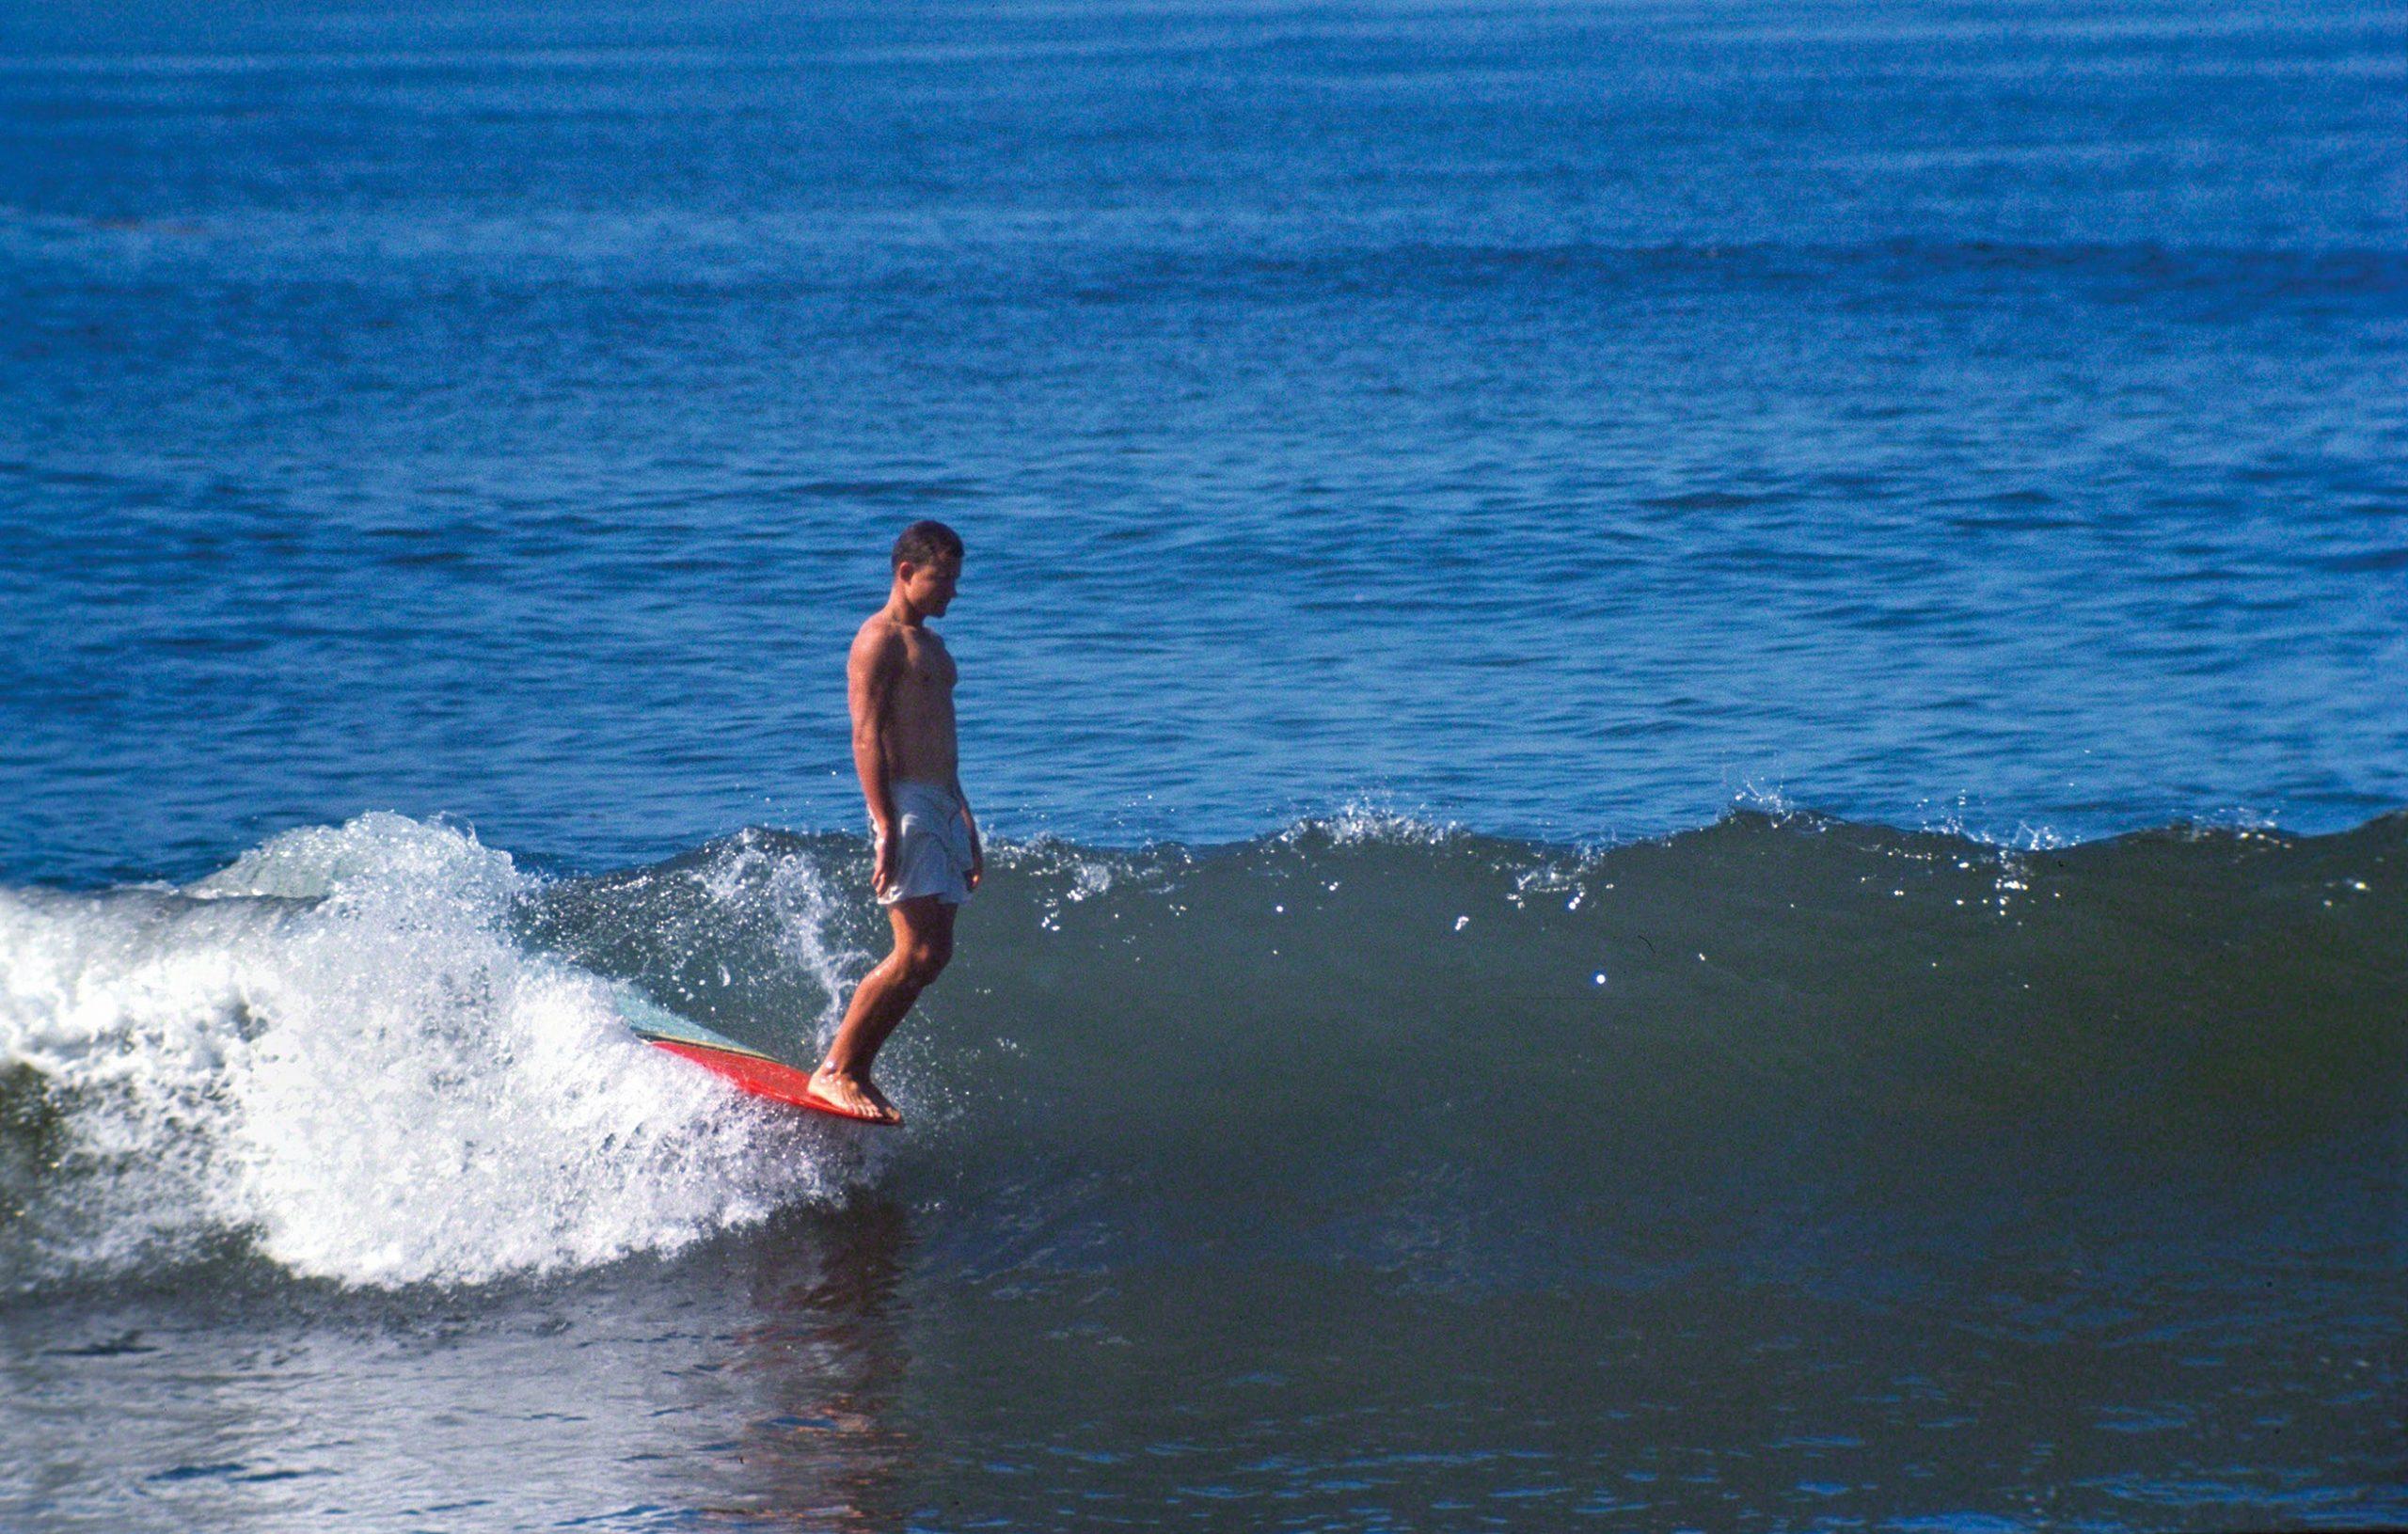 HOBIE SURFBOARDS JAPAN 代表<br>井上雅昭氏 インタビュー Vol.3<br><i><font color=